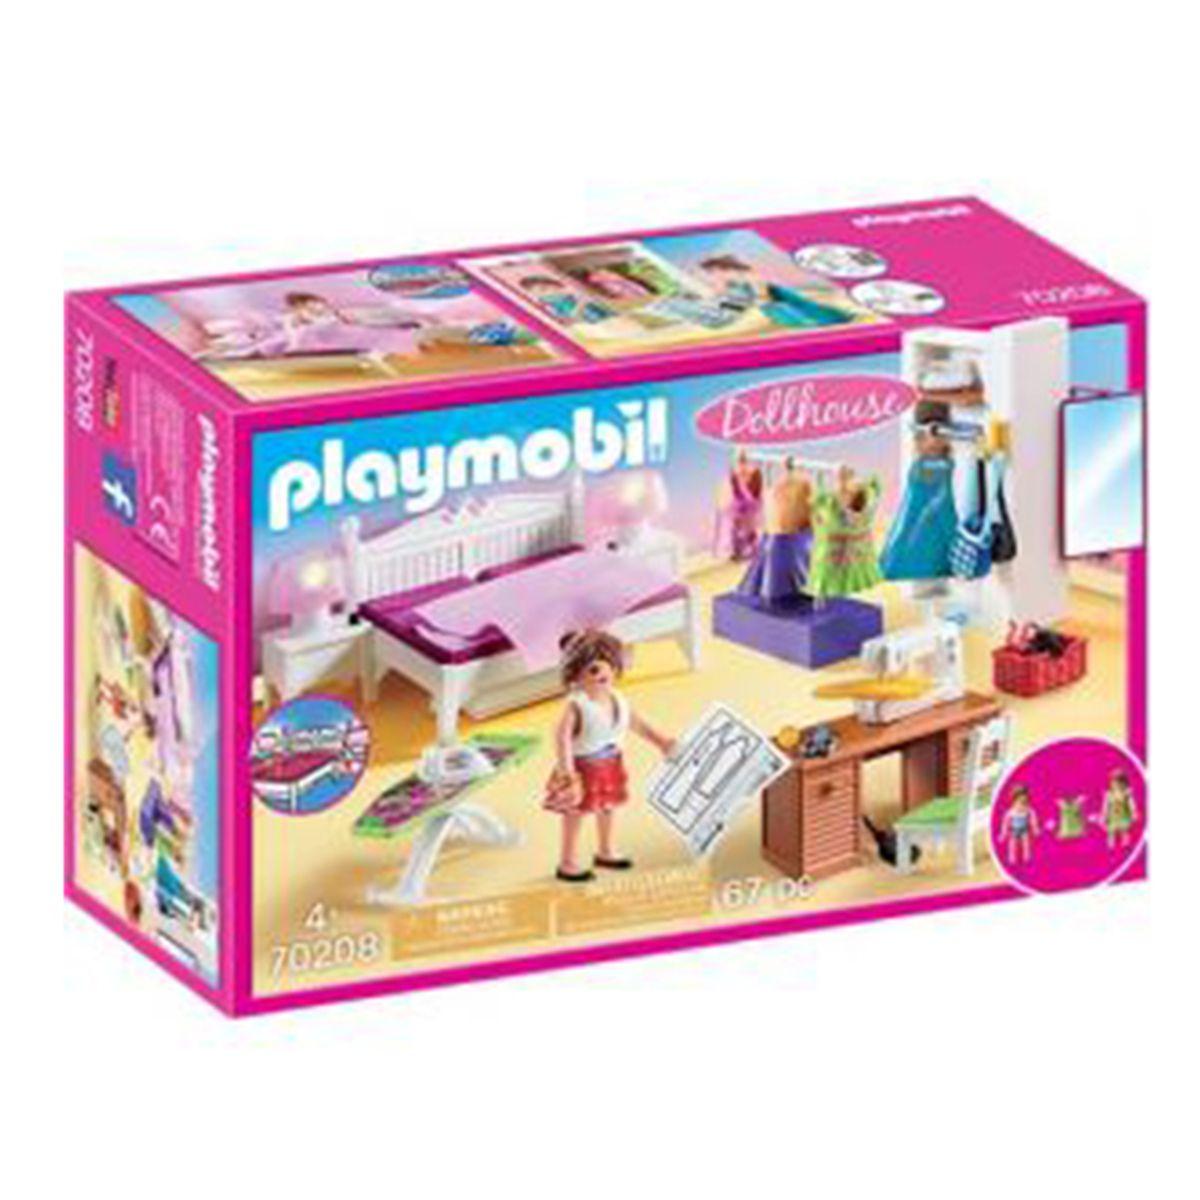 בית בובות: חדר שינה הורים ופינת תפירה (גילאים +4) Playmobil 70208